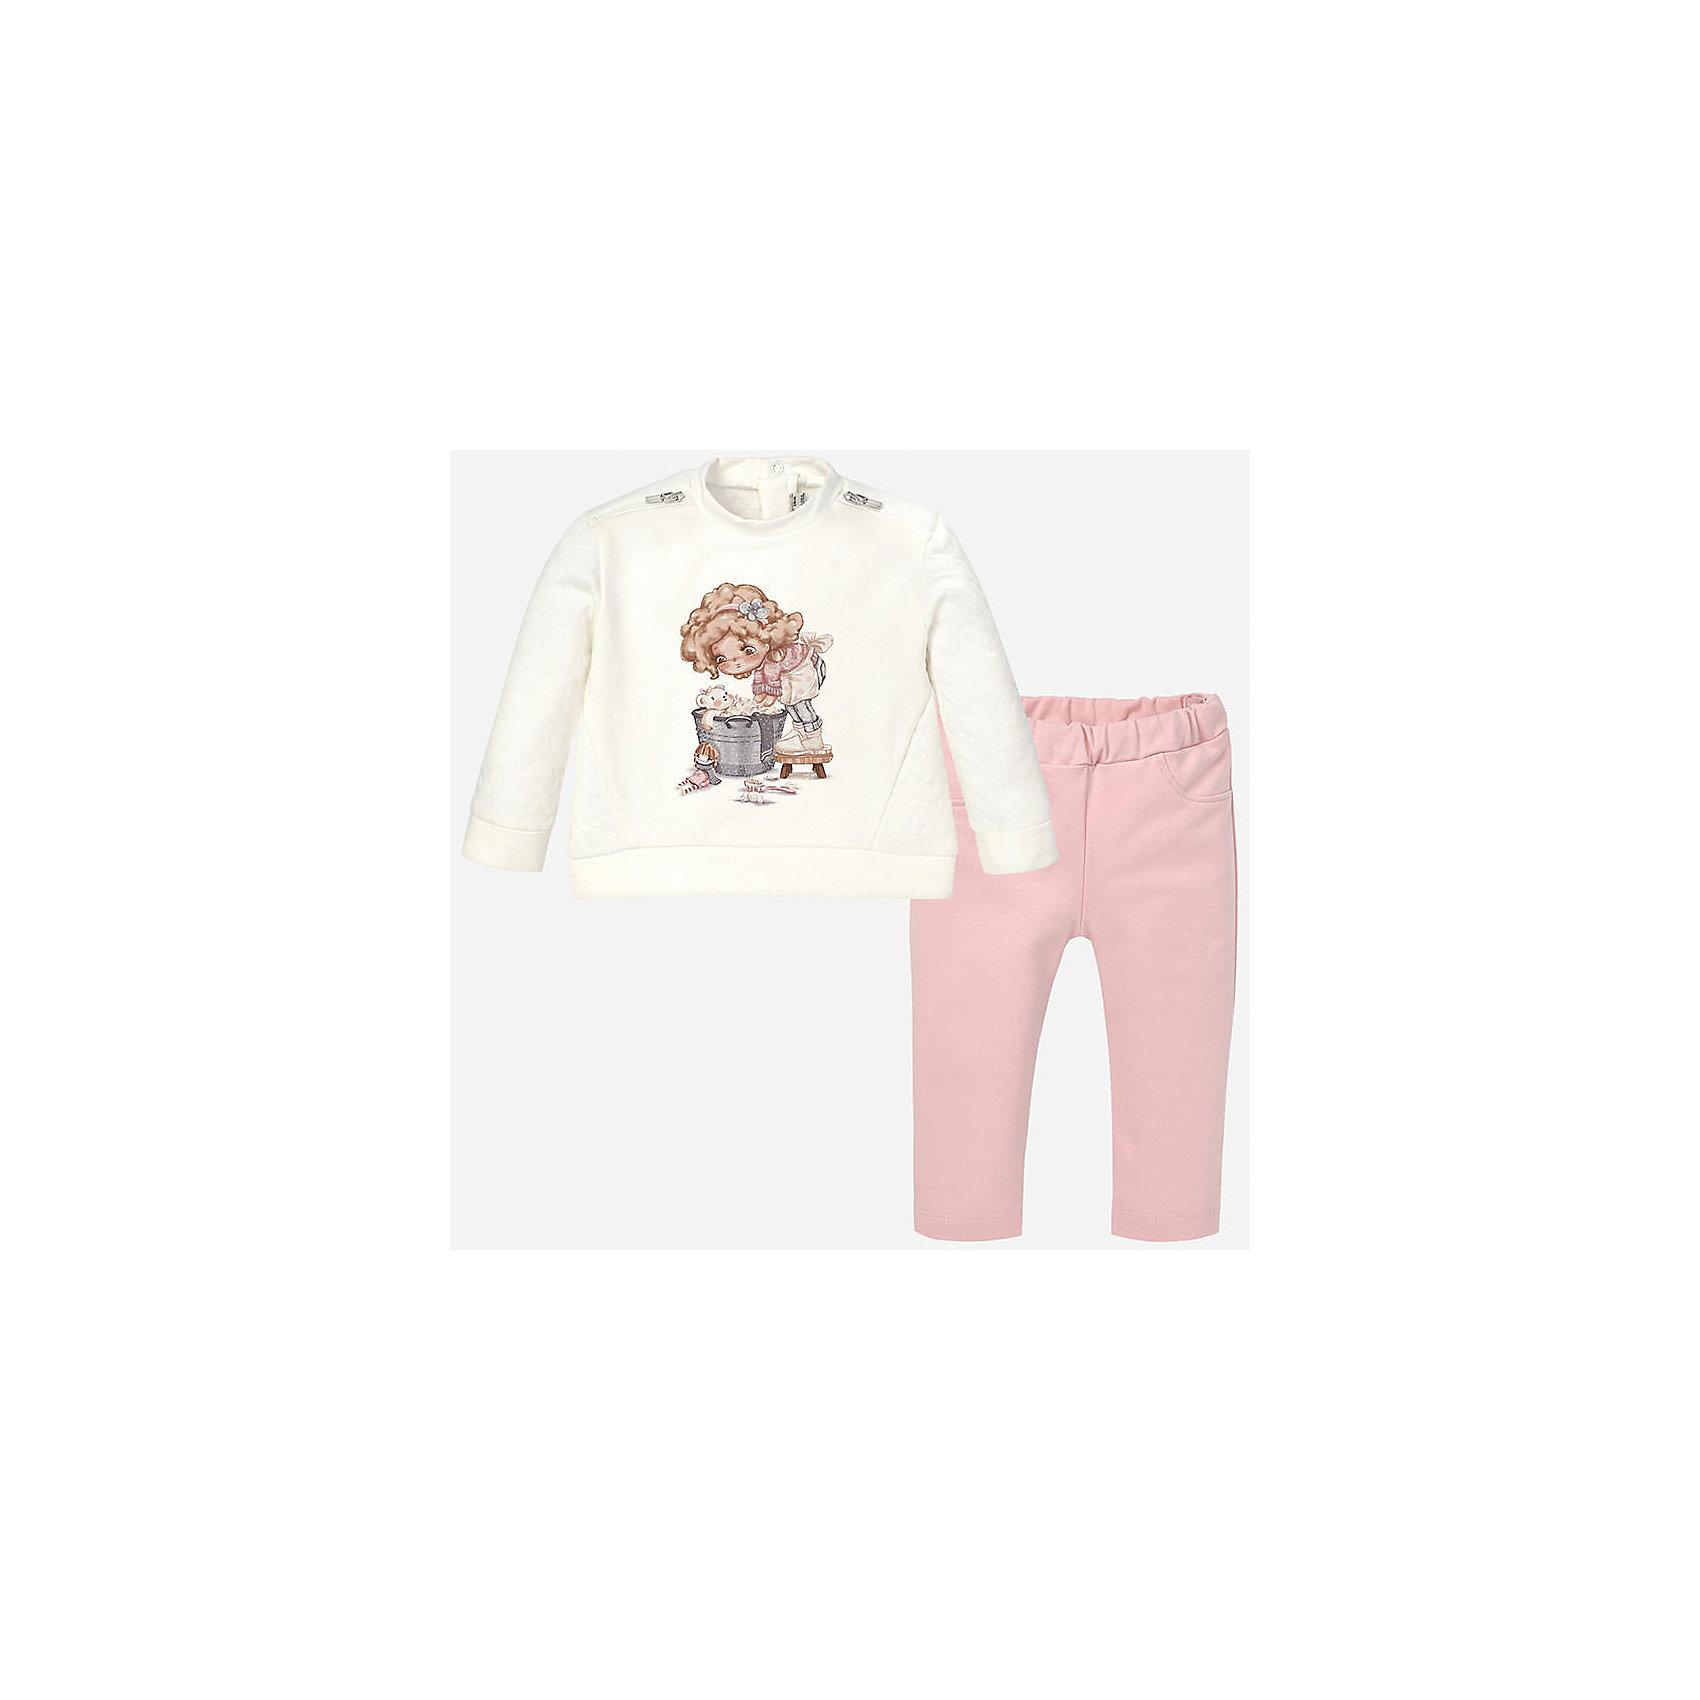 Комплект: футболка с длинным рукавом и леггинсы для девочки MayoralКомплекты<br>Комплект лонгслив+леггинсы нежного розового  цвета торговой марки    Майорал -Mayoral. В комплект входит футболка и леггинсы. Футболка выполнена в нежных розово-белых тонах и декорирована девочкой с ведром спинке есть застежка с кнопками. Леггинсы однотонные с плотной резинкой на поясе.<br><br>Дополнительная информация: <br><br>-цвет: кремовый<br>-состав: хлопок 97%,эластан 3%<br>-длина рукава: длинные<br>-параметры брючин: ширина брючин - низ: 12 см; длина по внутреннему шву: 21 см<br>-вид застежки: без застежки<br>-покрой: прямой<br>-фактура материала: трикотажный<br>-тип карманов: без карманов<br>-уход за вещами: бережная стирка при 30 градусах<br>-рисунок: без рисунка<br>-длина изделия: верх: 40 см; низ: 35 см<br>-плотность: утеплителя: 0 г/кв.м<br>-утеплитель: без утепления<br>-назначение: повседневная<br>-сезон: круглогодичный<br>-пол: девочки<br>-страна бренда: Испания<br>-страна производитель: Индия<br>-комплектация: леггинсы<br><br>Комплект торговой марки    Майорал  можно купить в нашем интернет-магазине.<br><br>Ширина мм: 123<br>Глубина мм: 10<br>Высота мм: 149<br>Вес г: 209<br>Цвет: фиолетовый<br>Возраст от месяцев: 6<br>Возраст до месяцев: 9<br>Пол: Женский<br>Возраст: Детский<br>Размер: 74,92,86,80<br>SKU: 4846184